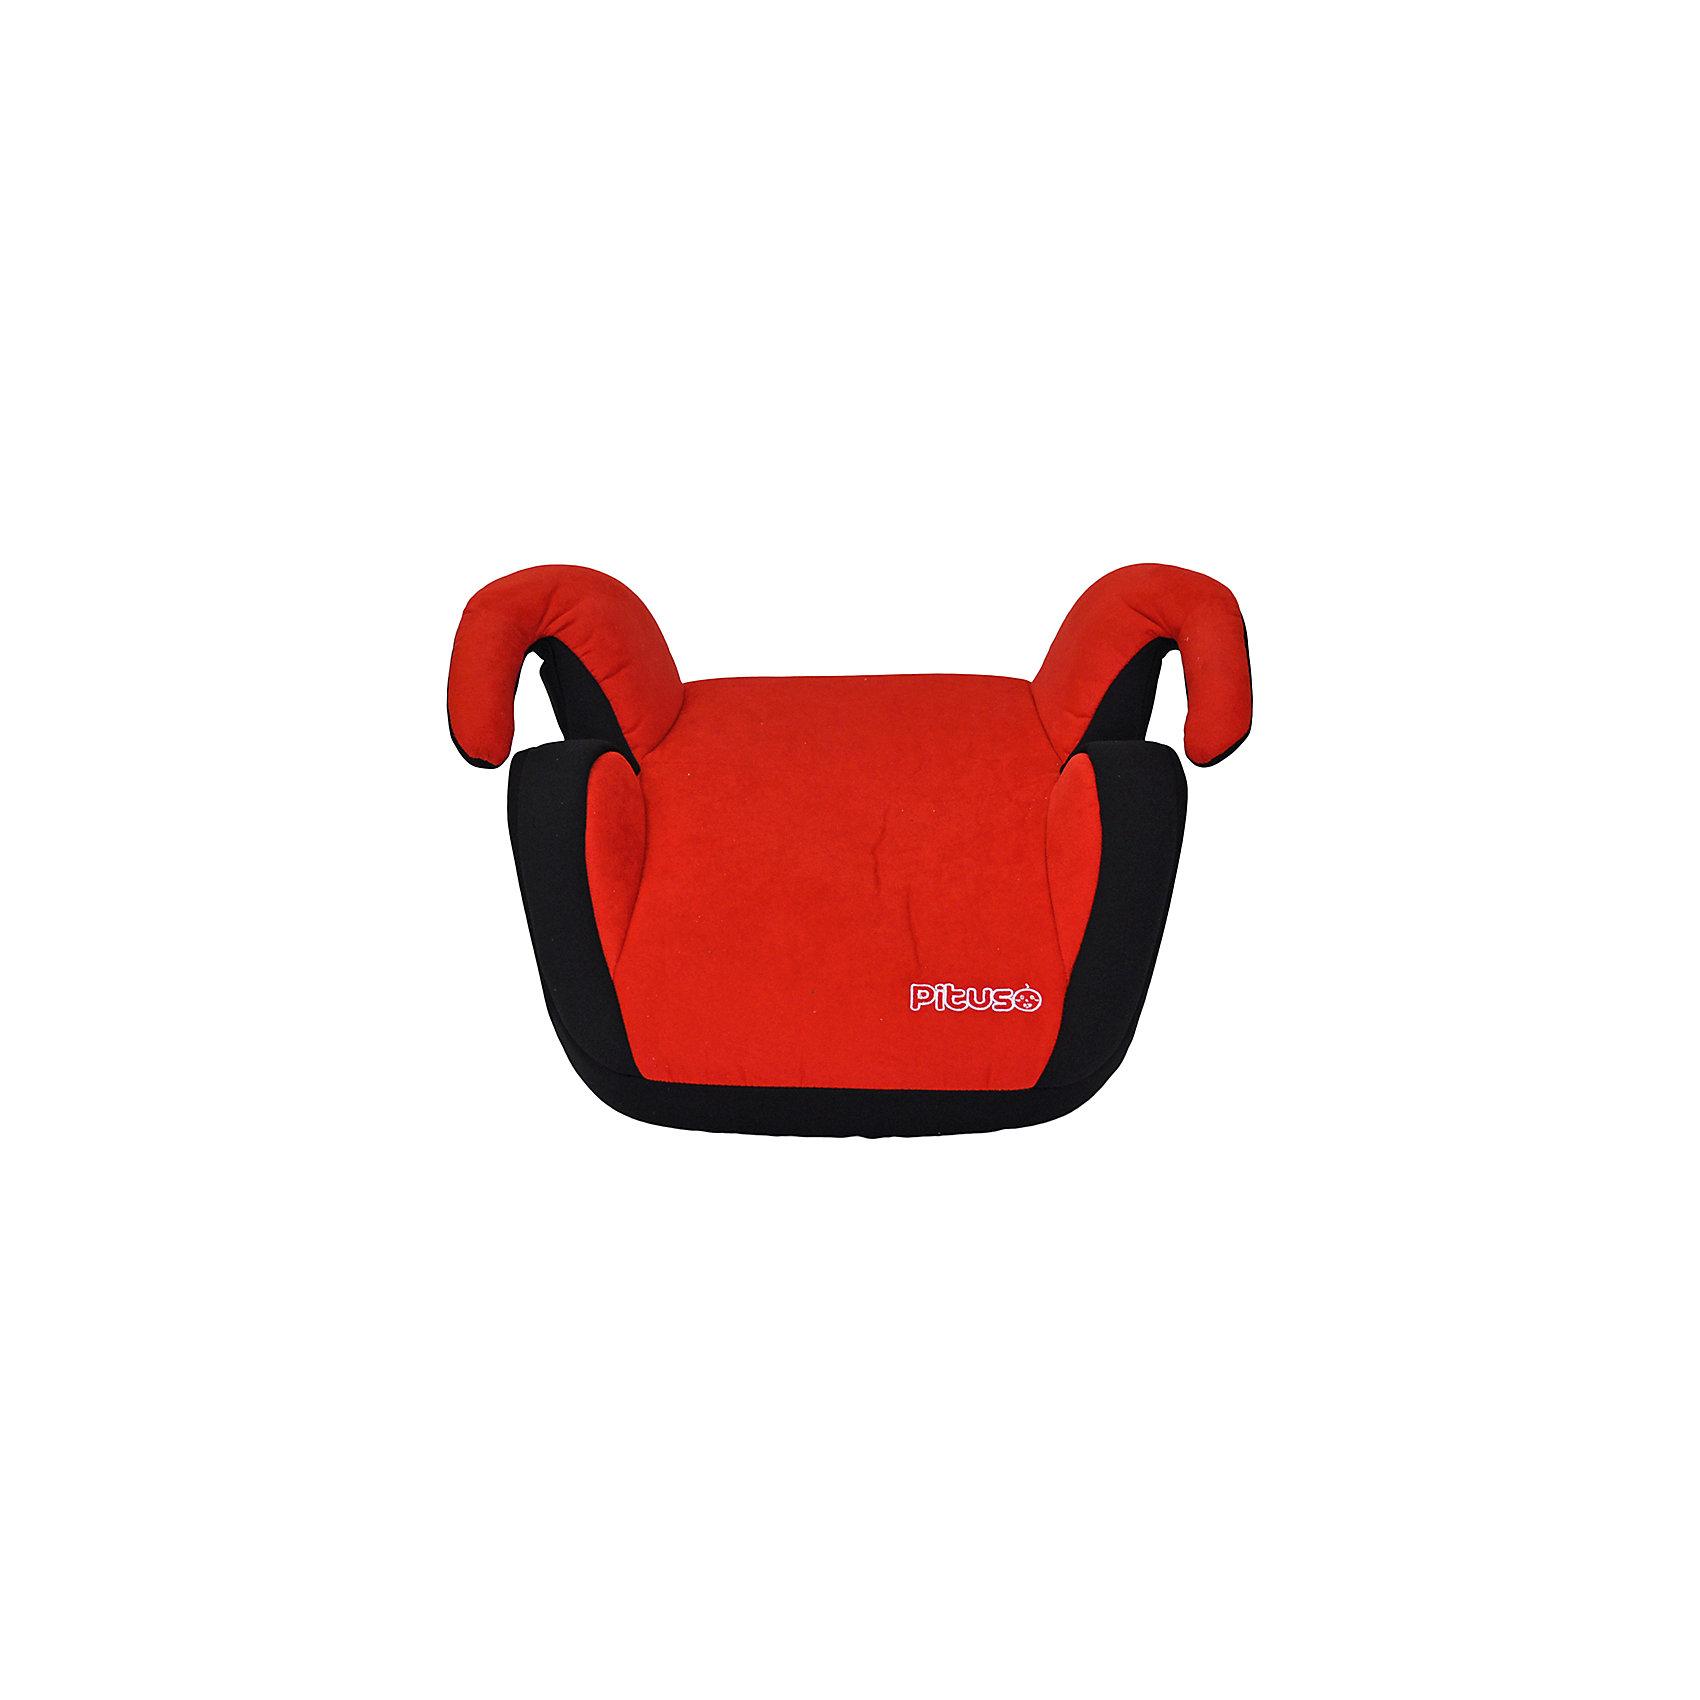 Pituso Бустер BILBAO 9-36 кг., Pituso, красный/черный pituso автокресло vigo 0 13 кг pituso синий